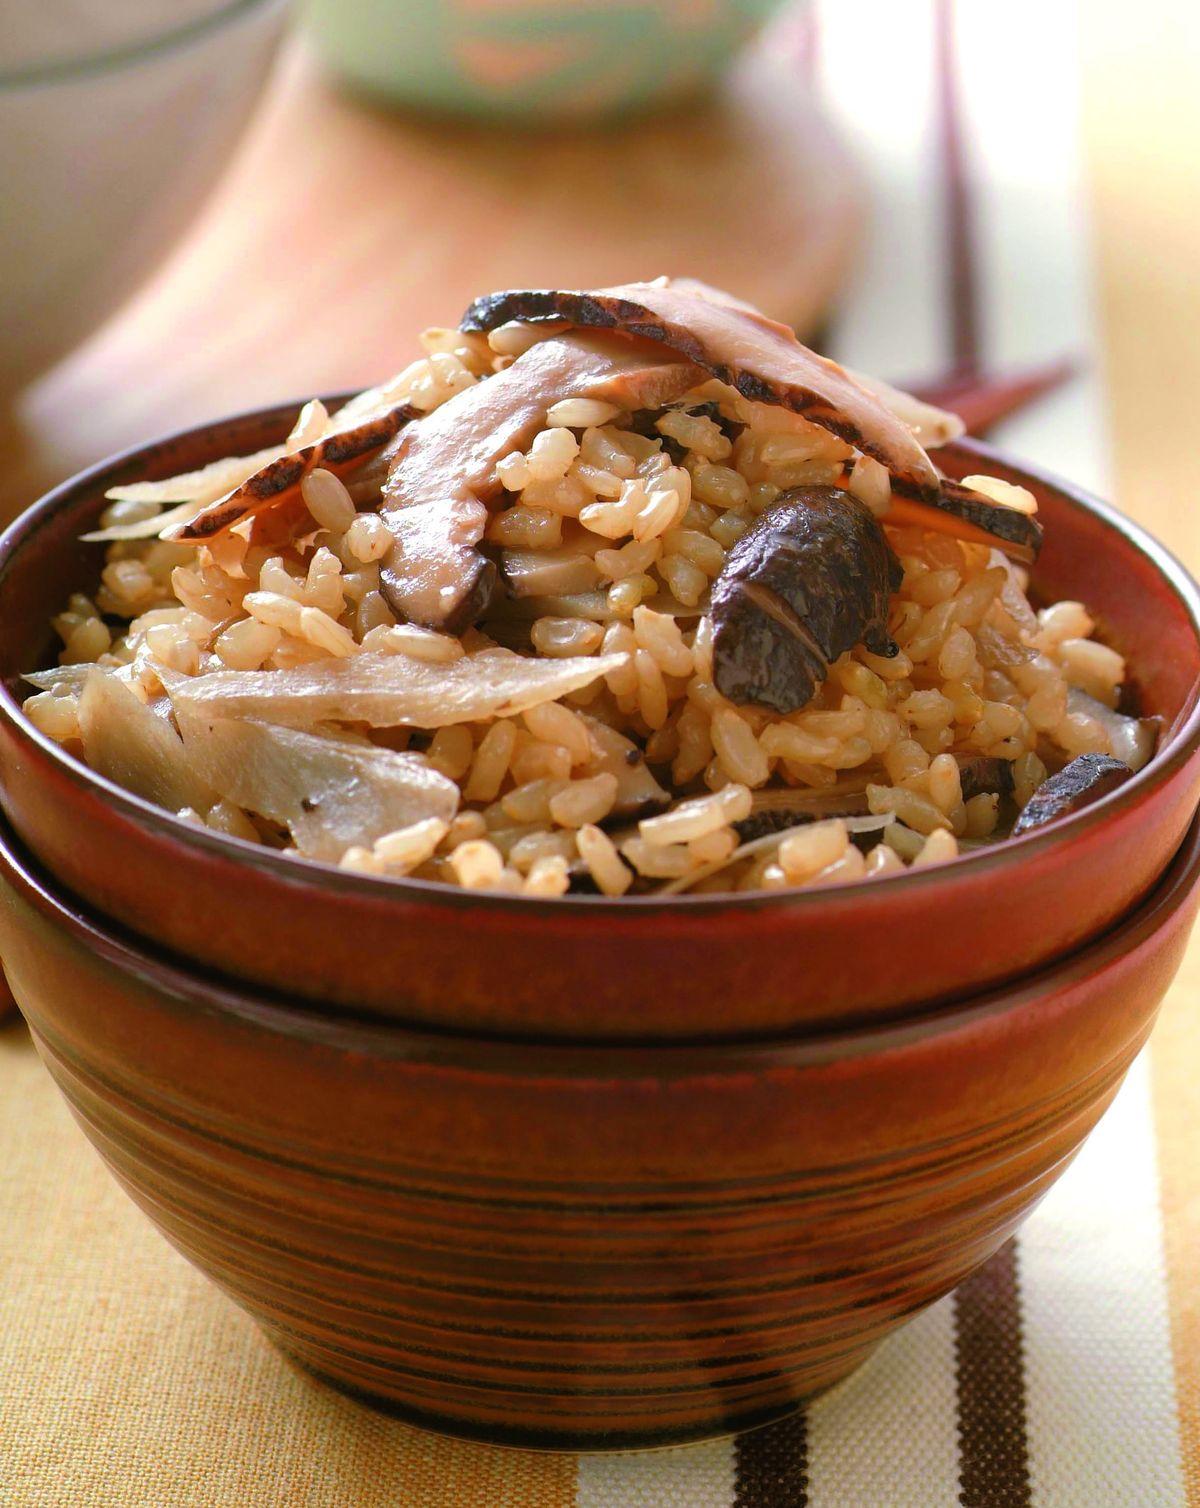 食譜:牛蒡香菇飯